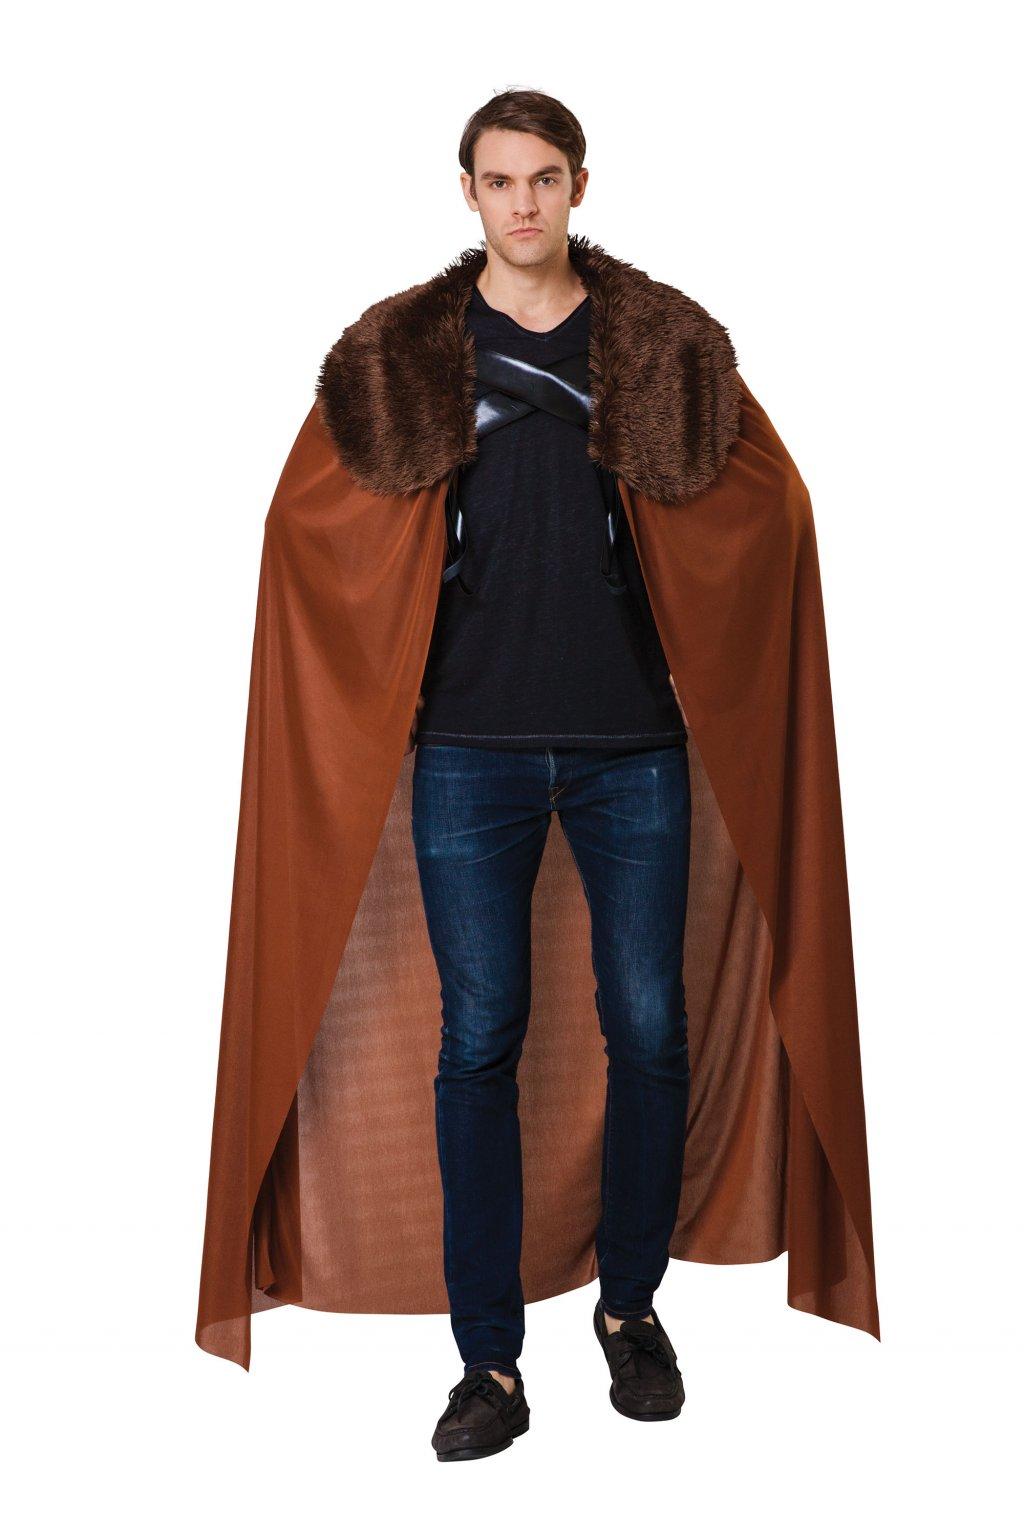 Hnědý plášt s kožešinovým límcem - hra o trůny